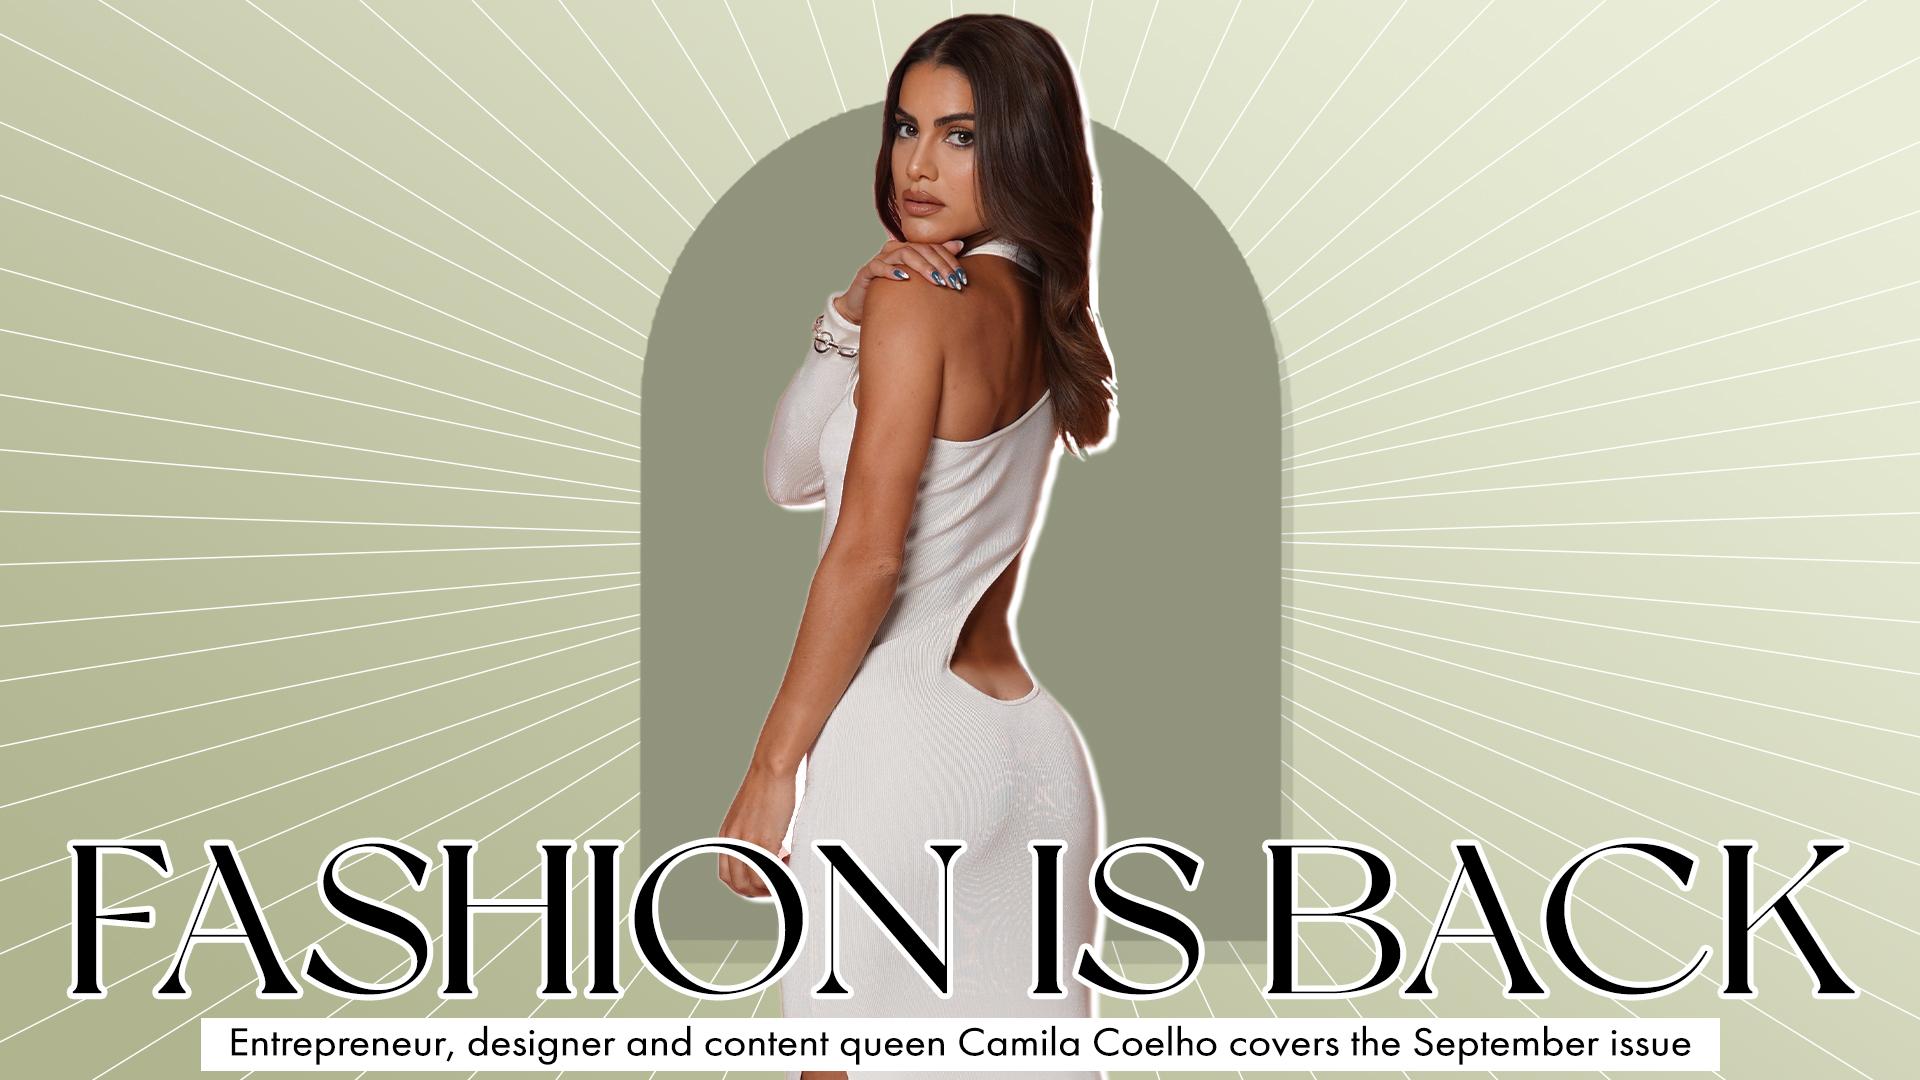 The Return to Fashion Issue, Starring Camila Coelho